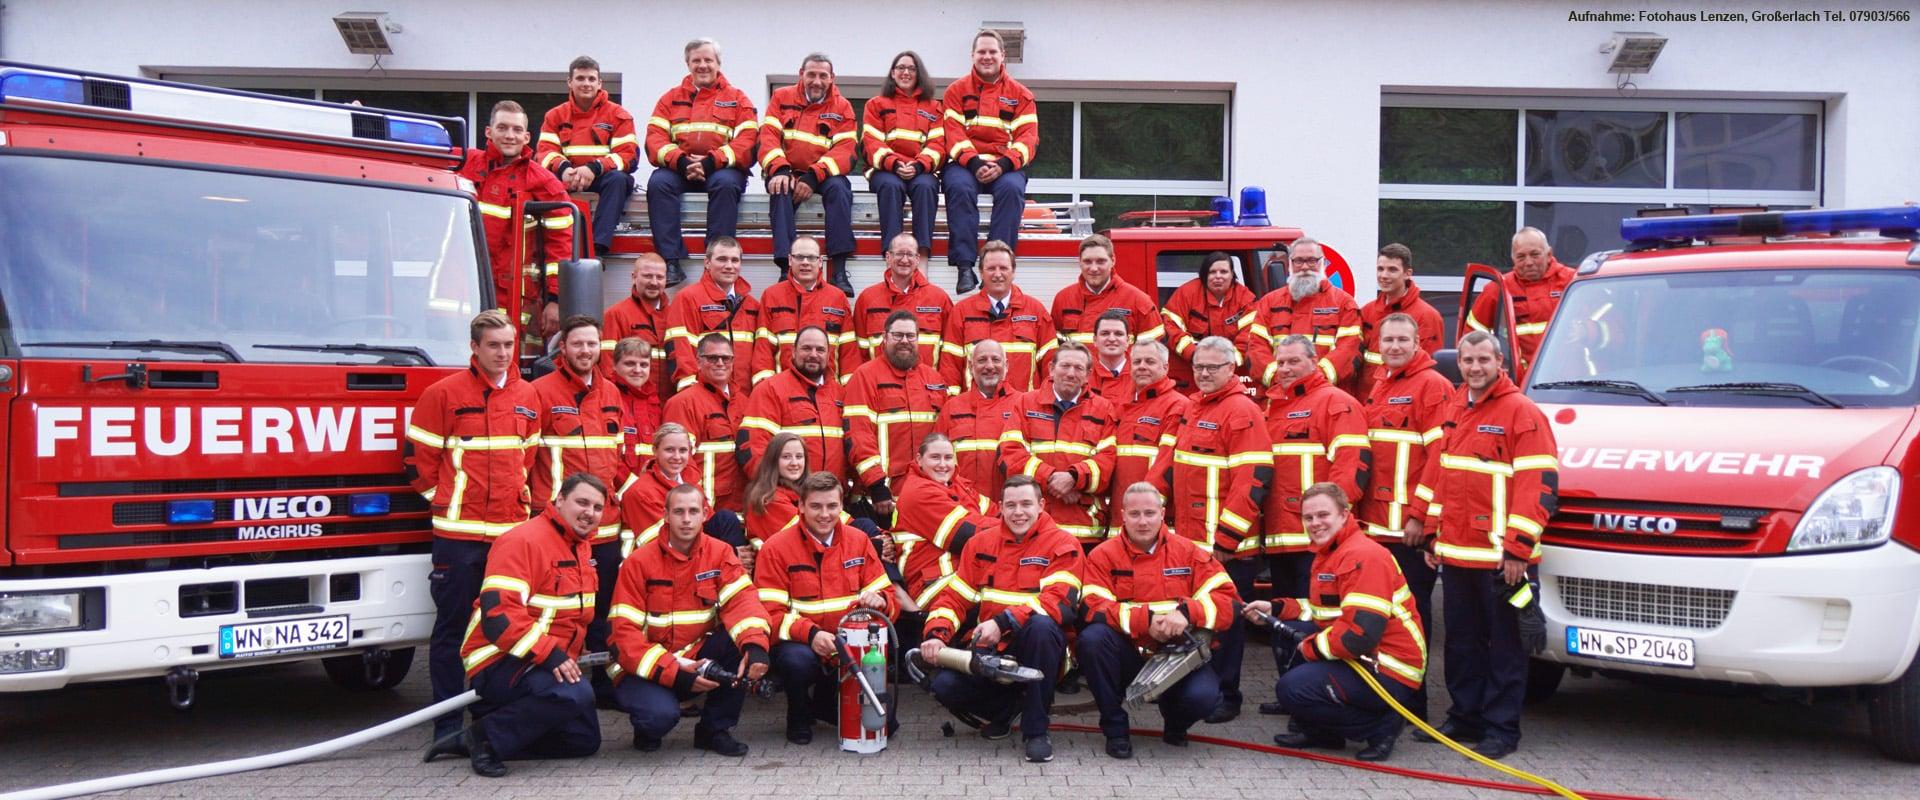 Feuerwehr Spiegelberg Einsatzabteilung